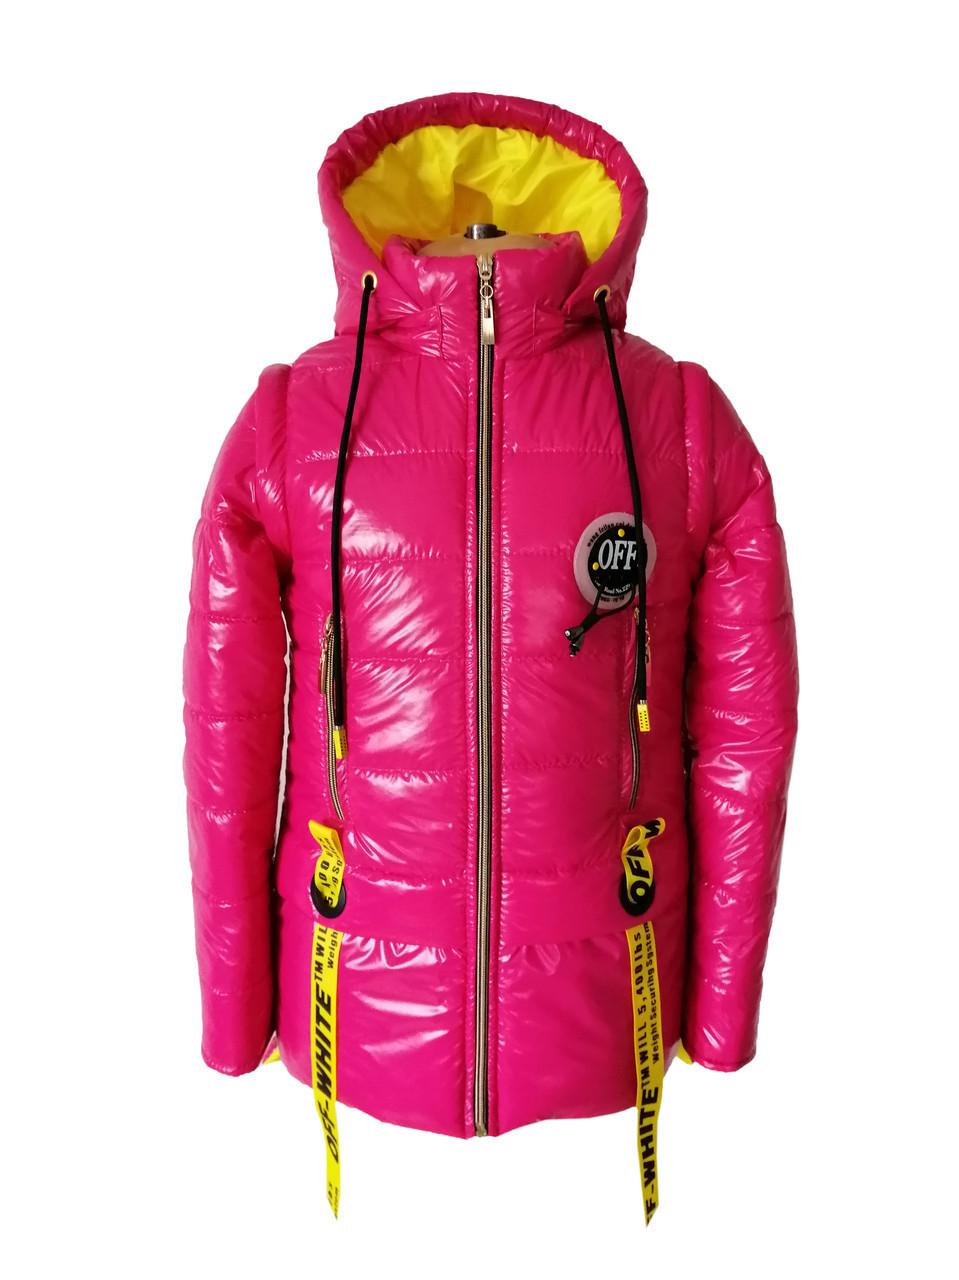 Куртка для девочки подростка весенняя   34-44 малина+желтый